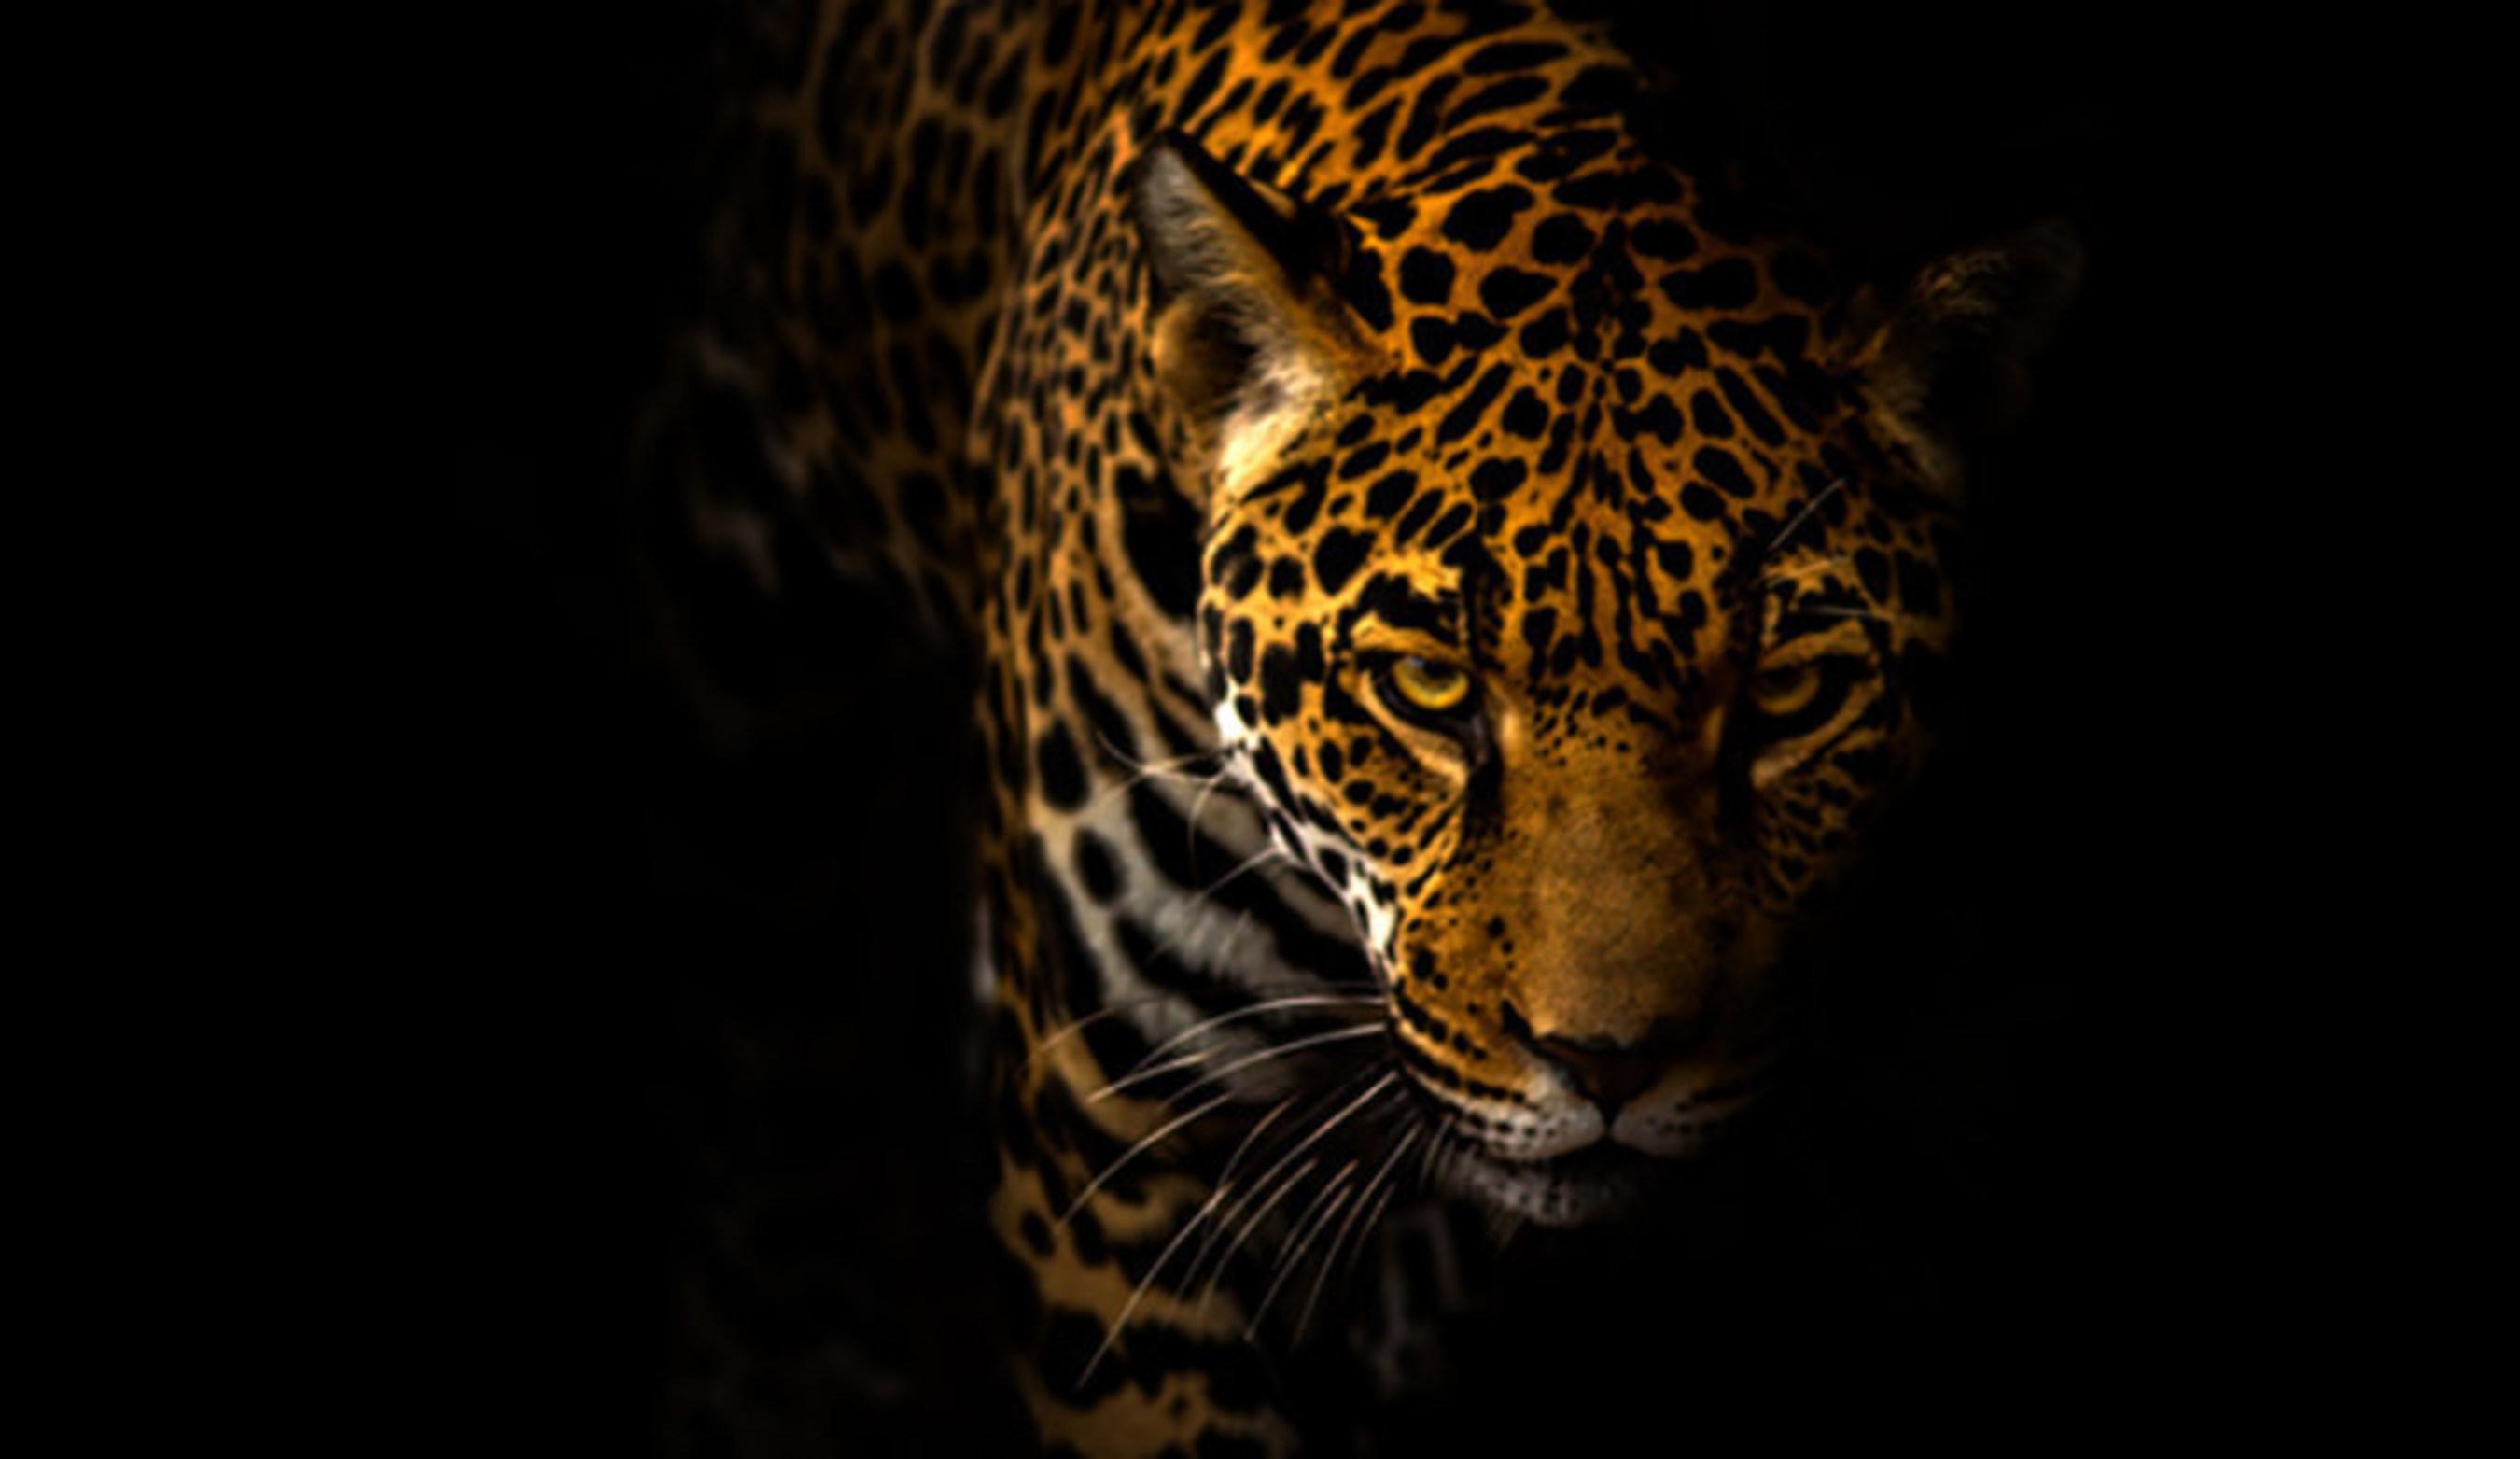 Jaguar, Center for Biological Diversity